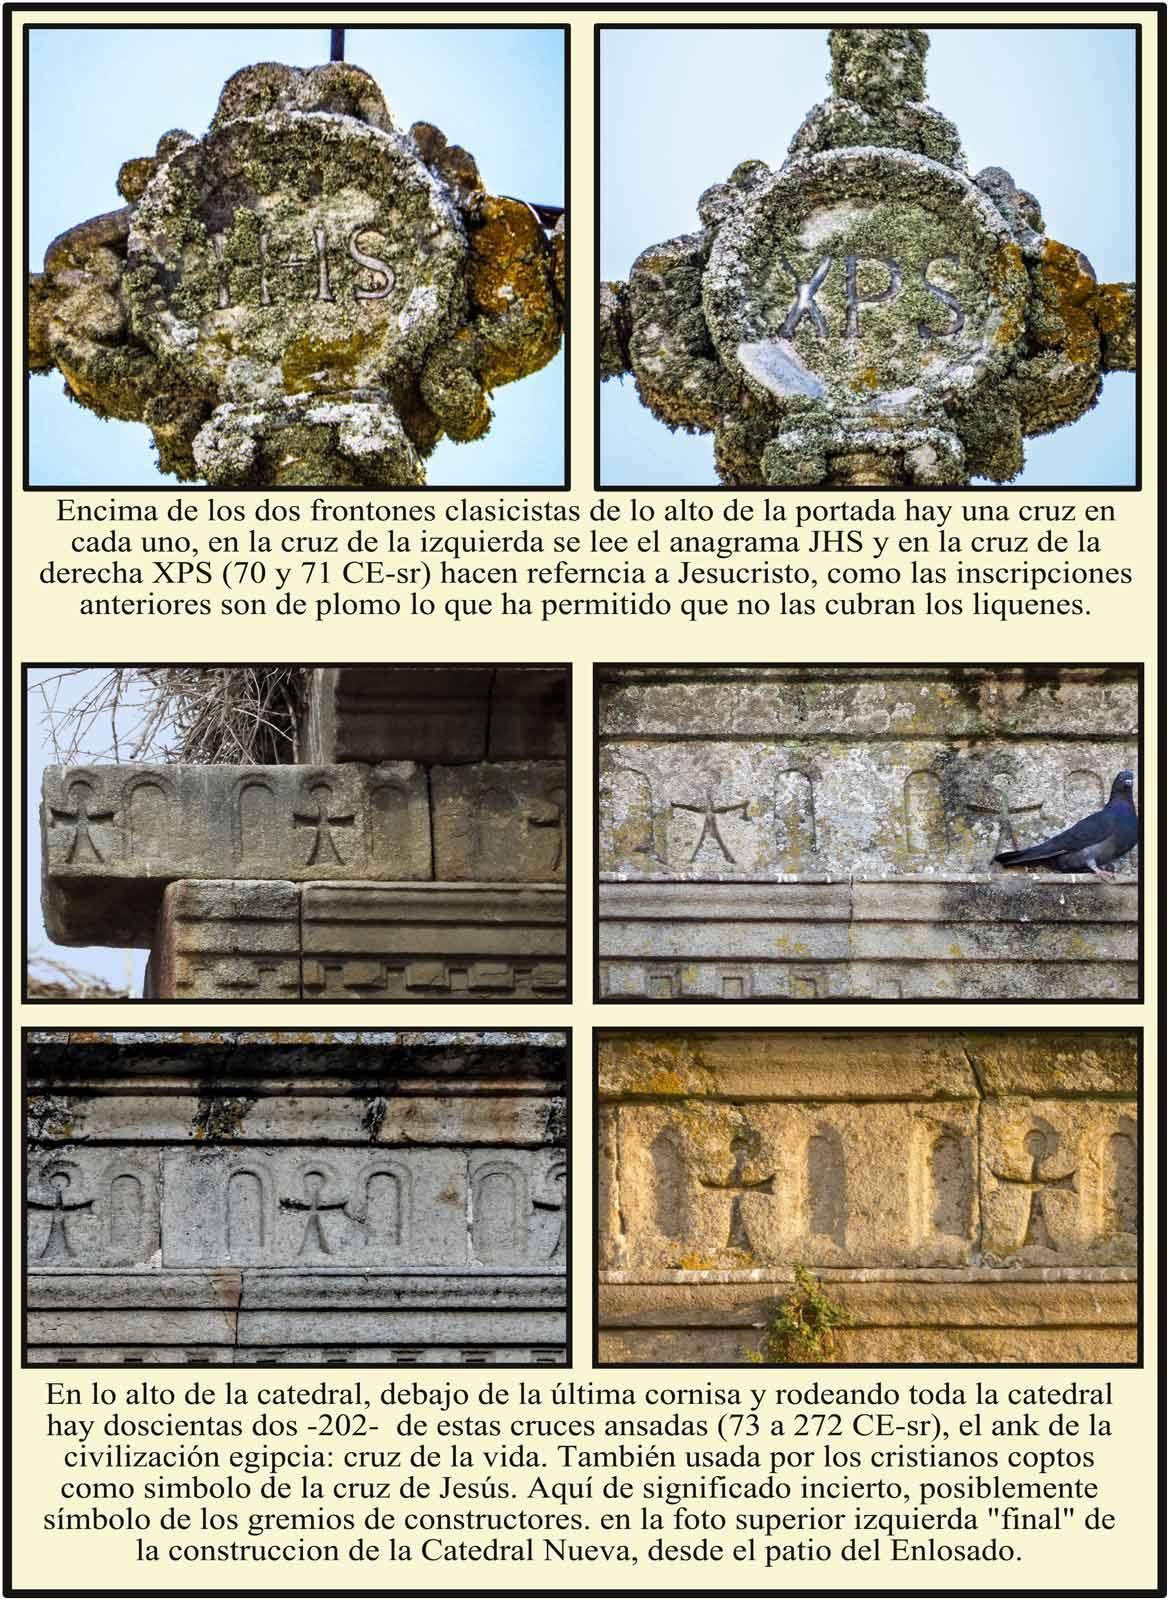 Anagramas JHS y XRS en las cruces sobre Frontones clasicistas de la Portada Norte Cuz Ansada o Ank egipcia en Catedral de Plasencia